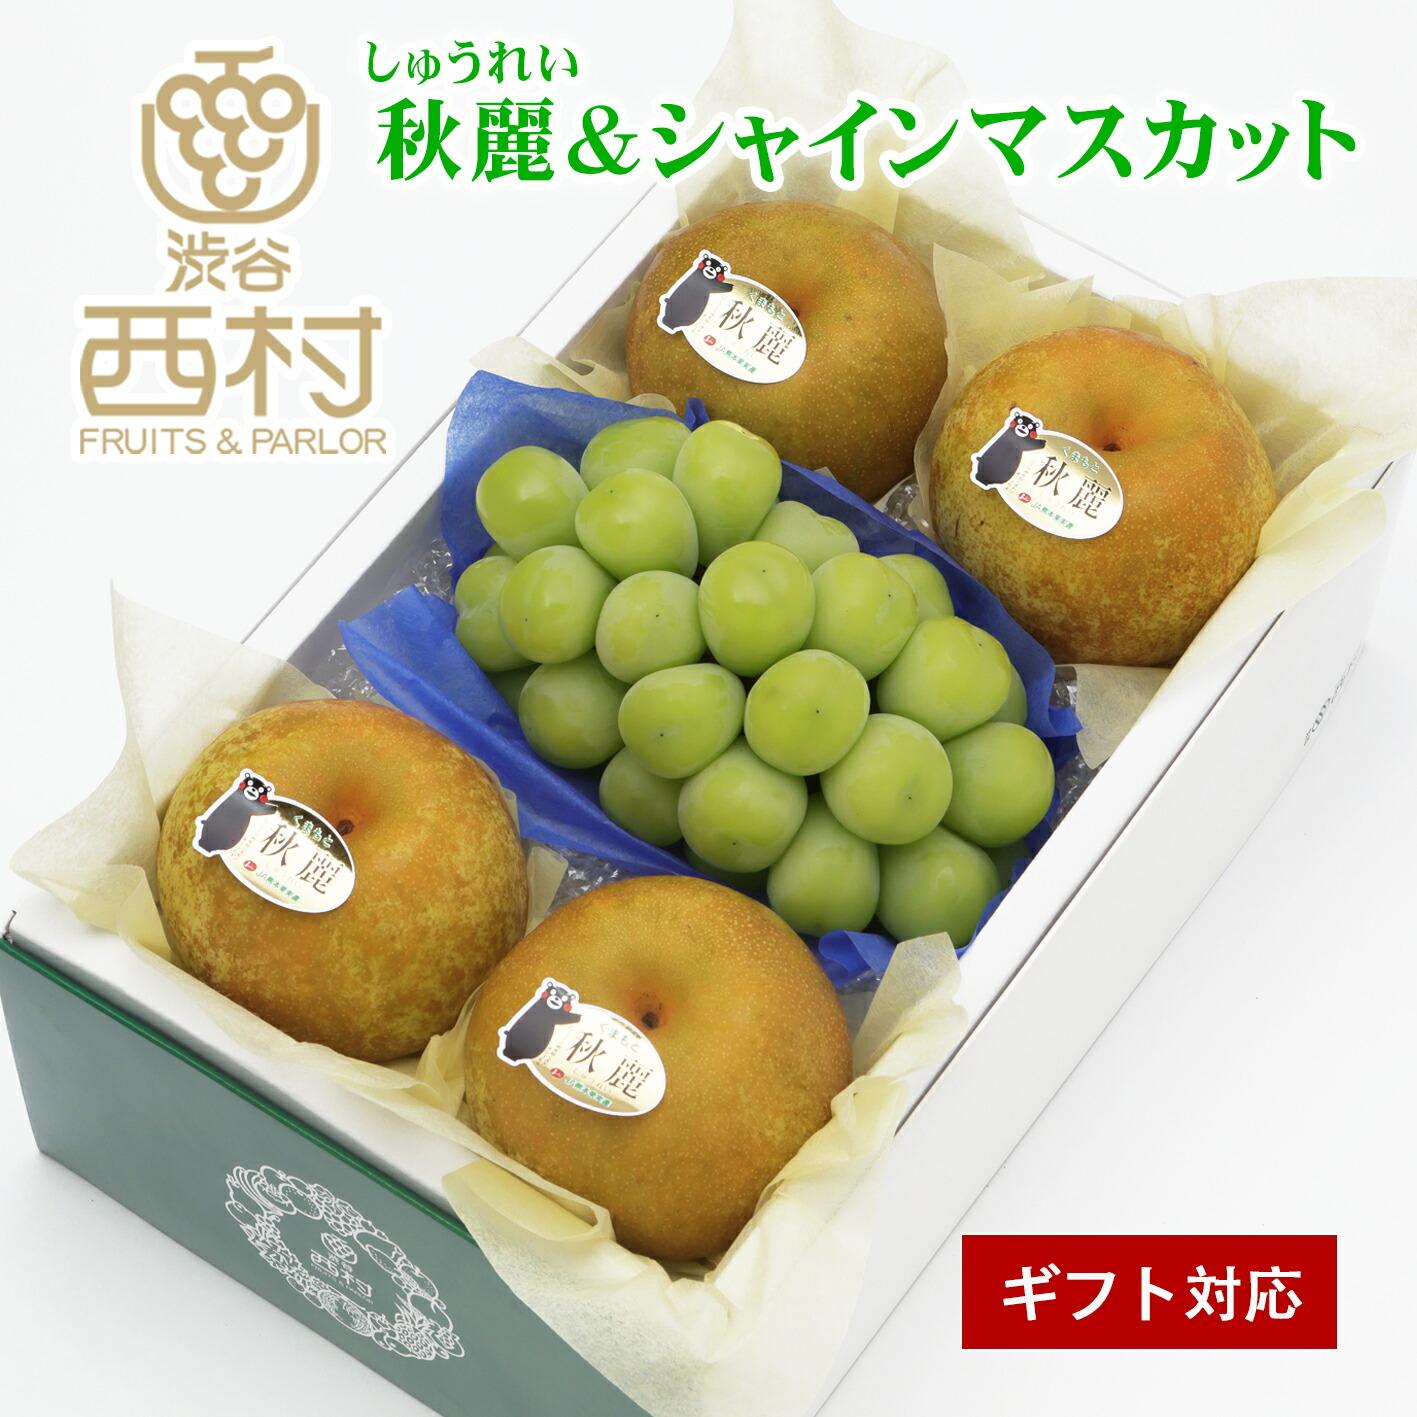 秋麗梨&シャインマスカットセット(化粧箱)